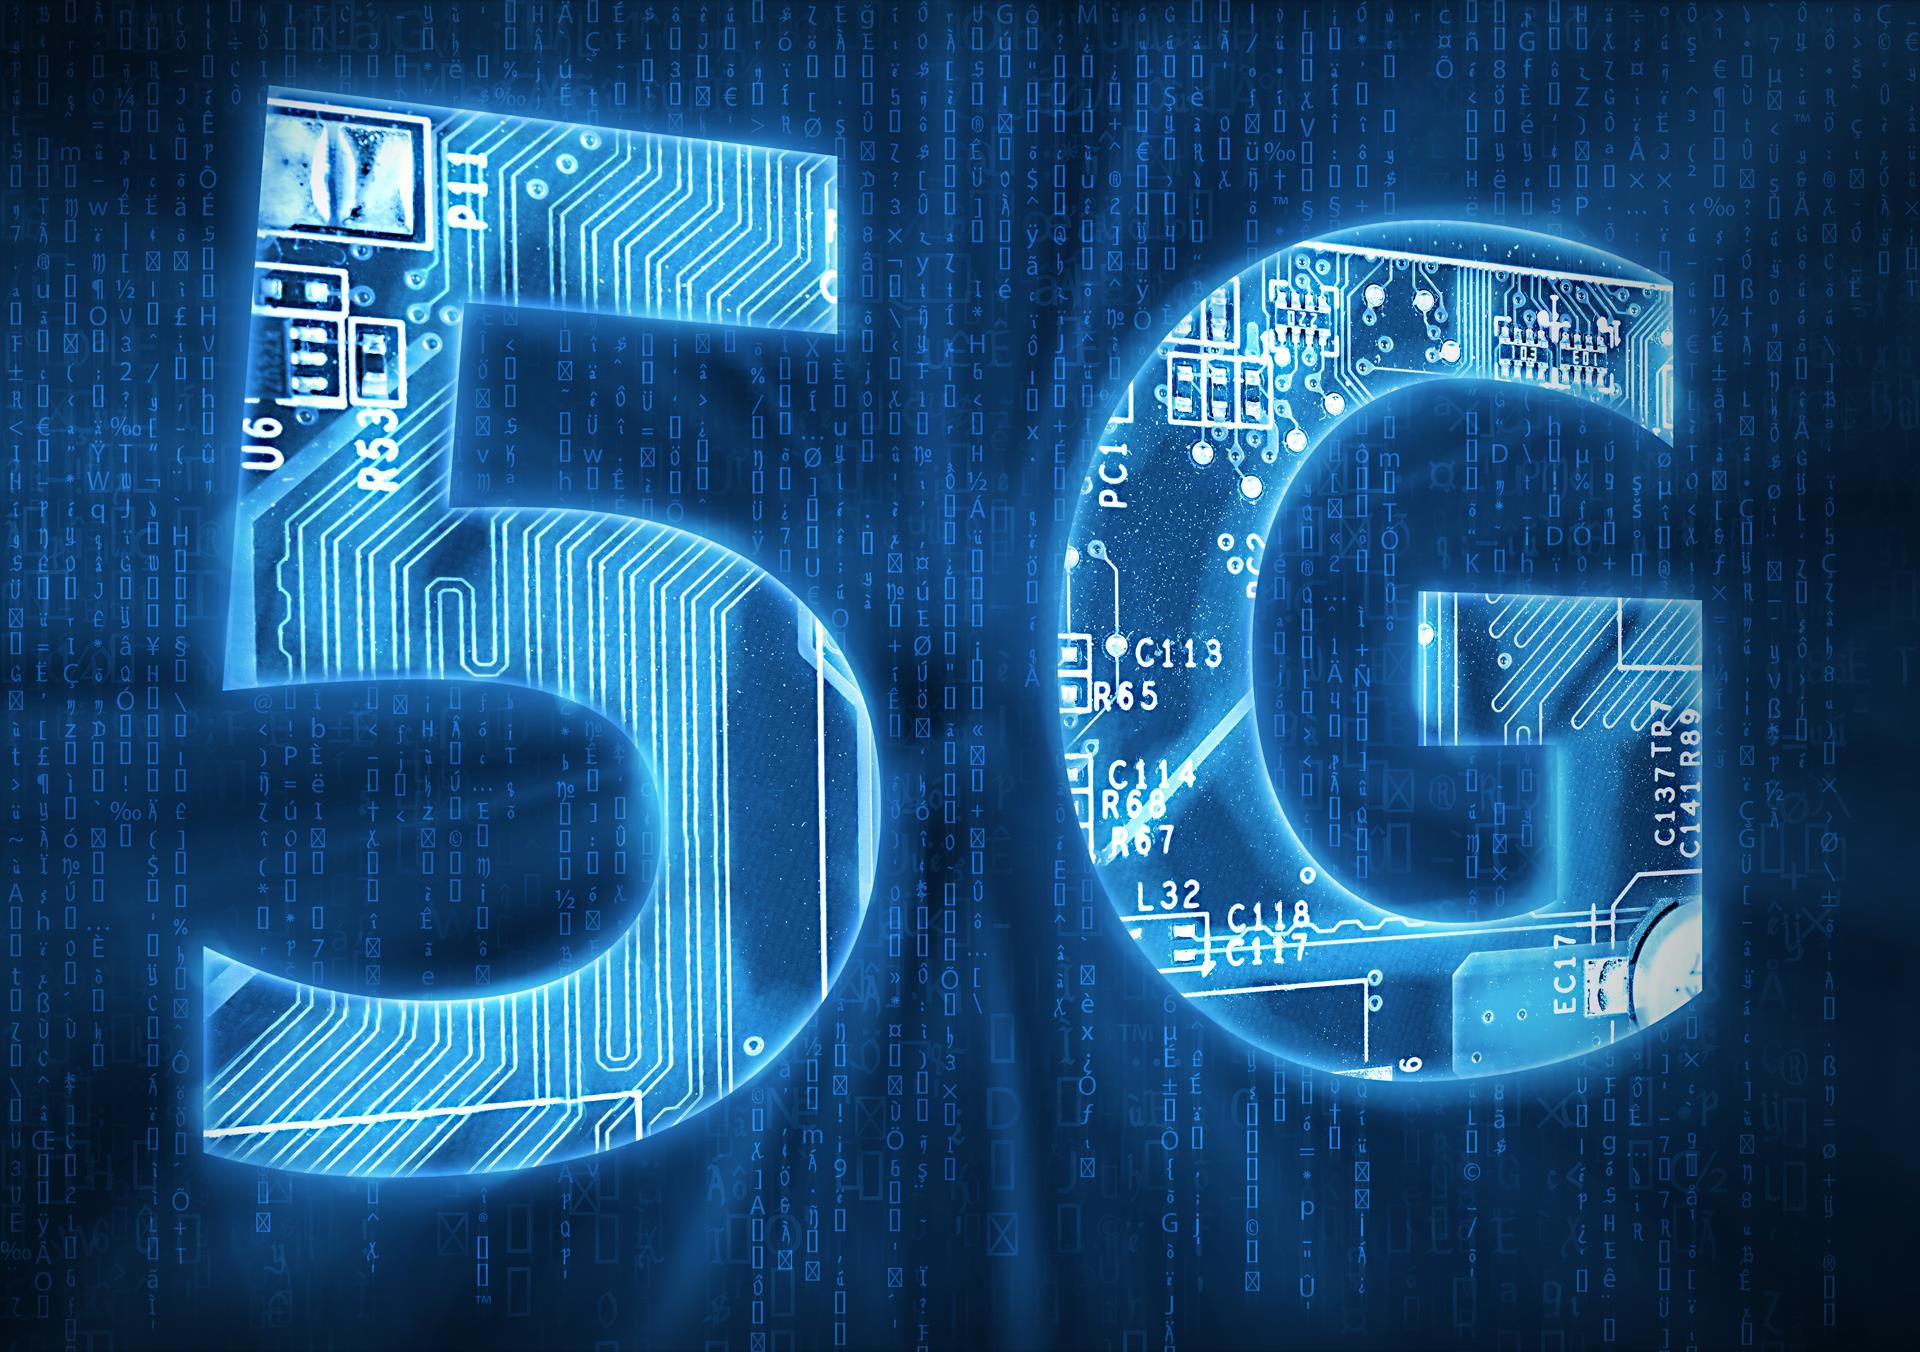 全球资讯_图片资讯-电缆网-全球电线电缆行业门户网站